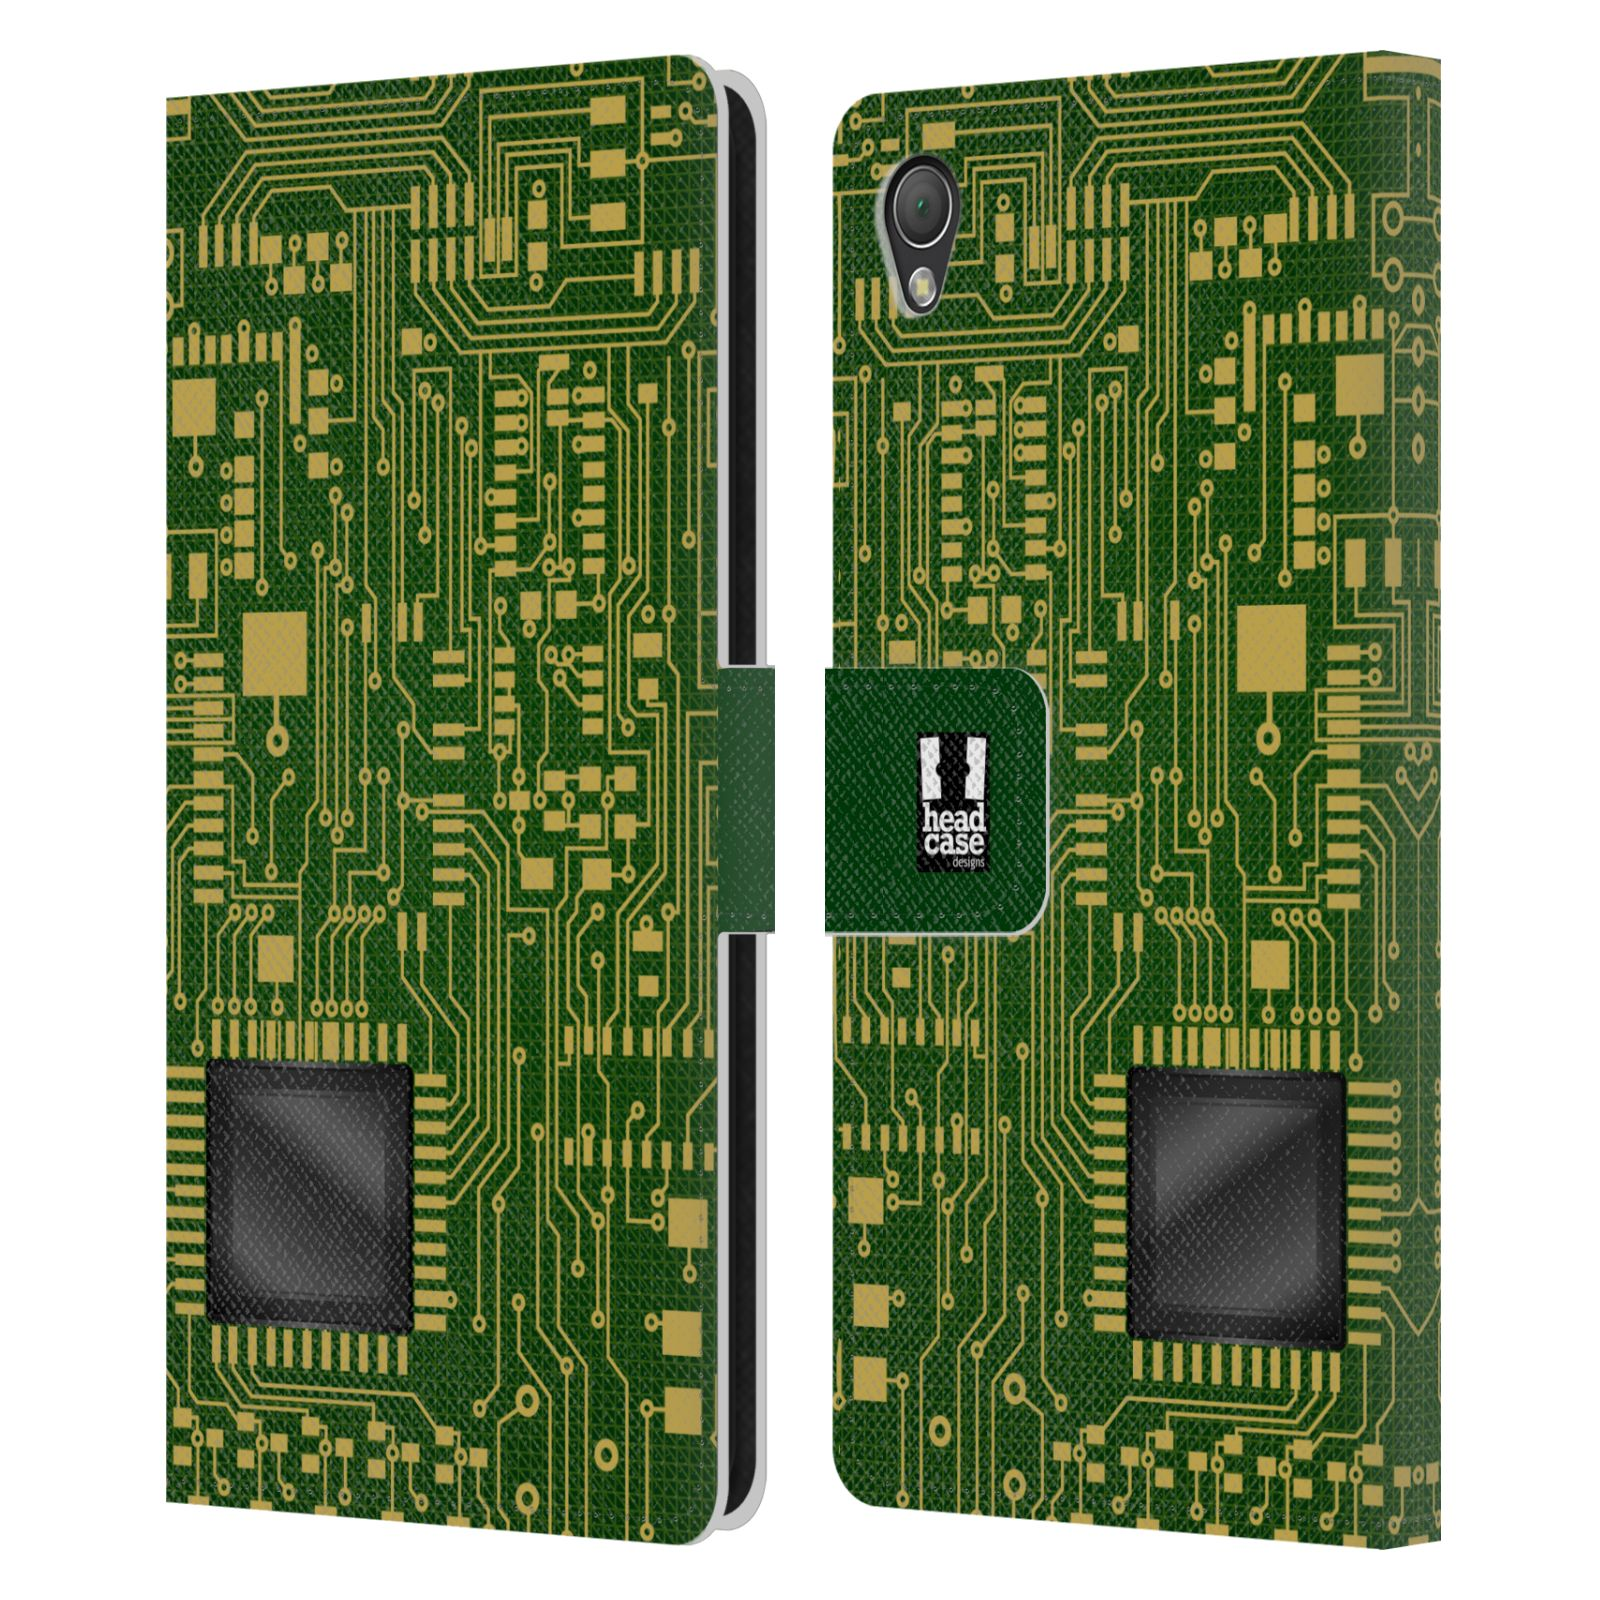 HEAD CASE Flipové pouzdro pro mobil SONY XPERIA Z3 počítač základní deska zelená barva velký čip